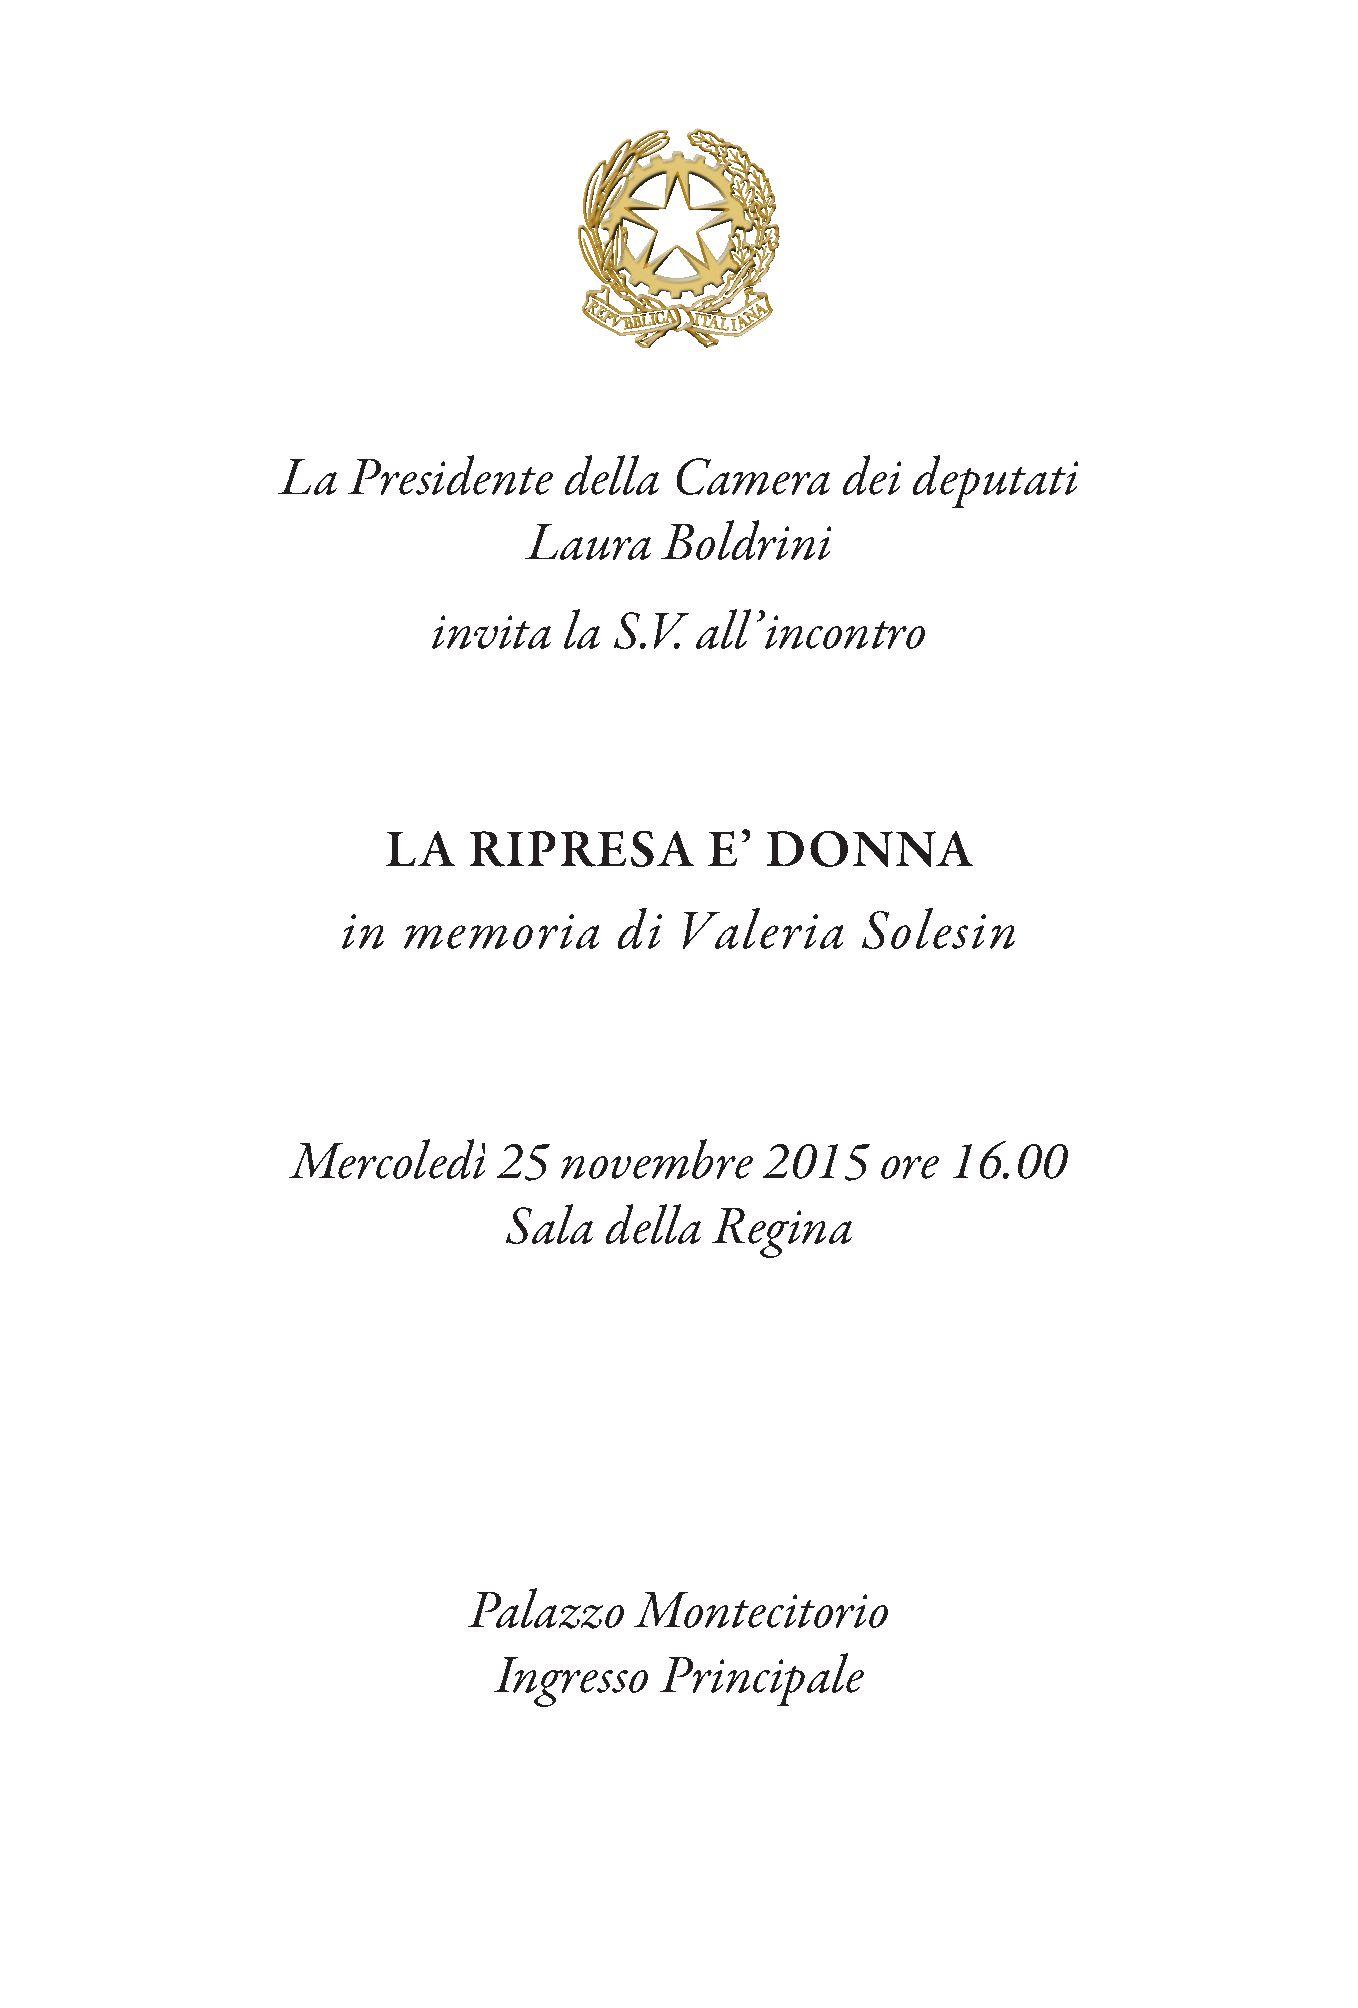 INVITO_2015-11-25_Oro_Libretto_LA RIPRESA E' DONNA_1 (4)_1